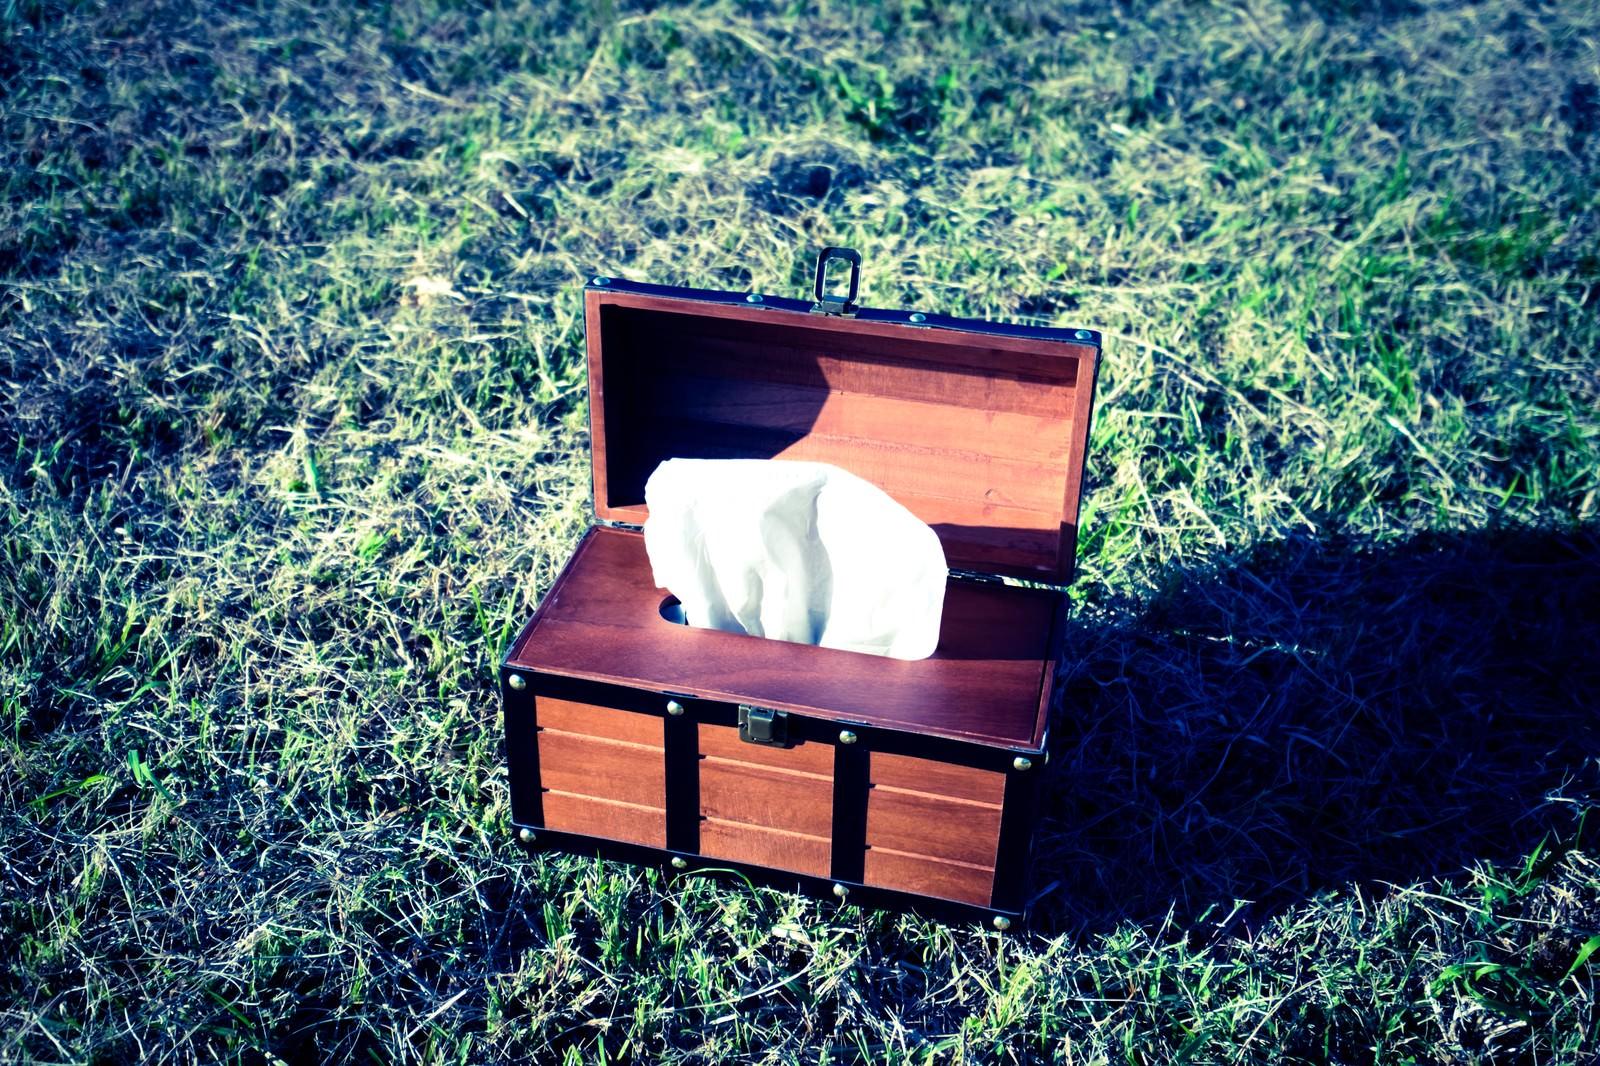 「宝箱はティッシュケースだった」の写真